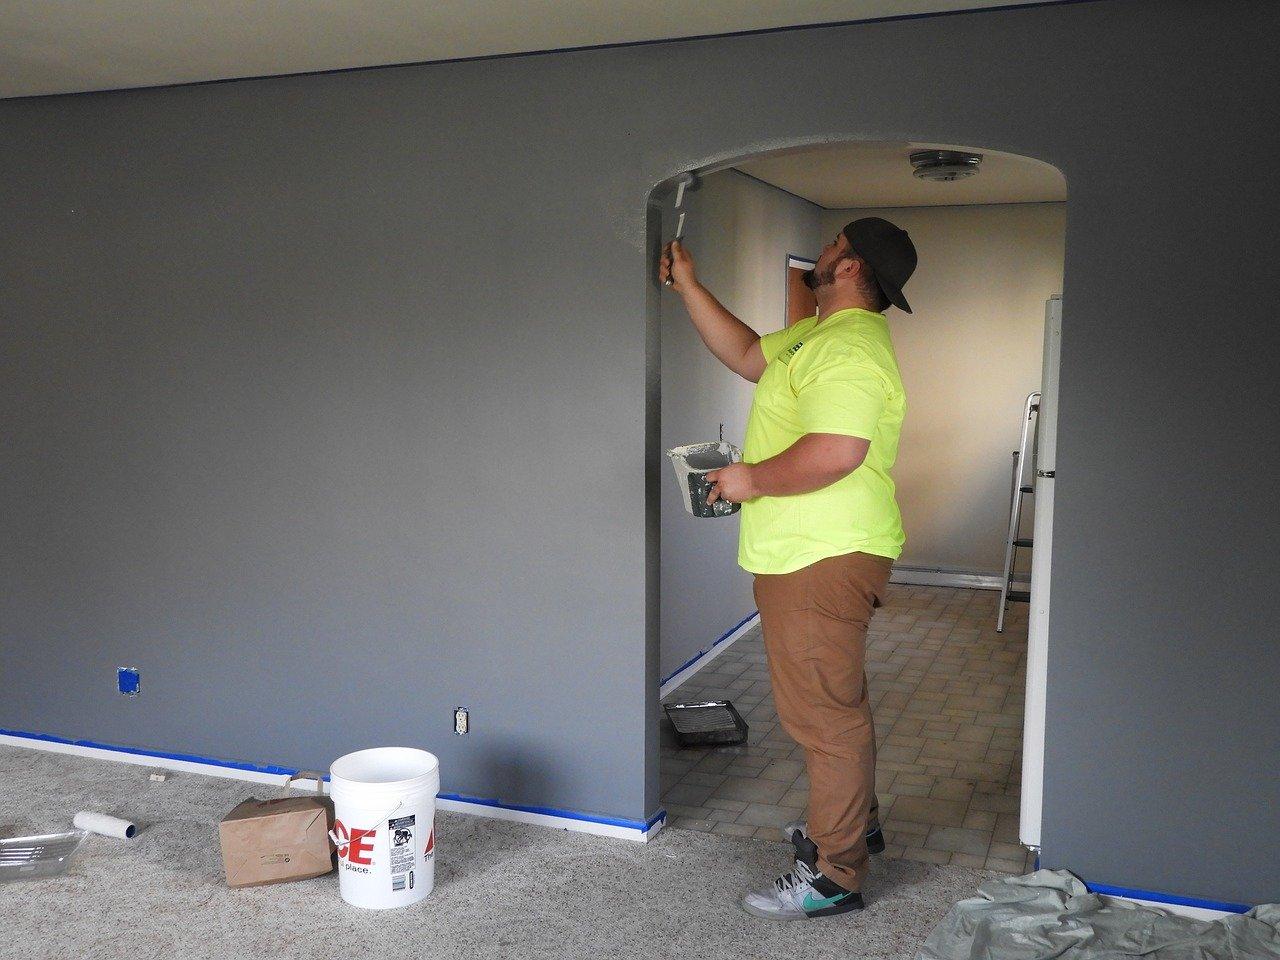 Travaux de rénovation - Une étape non négligeable en immobilier